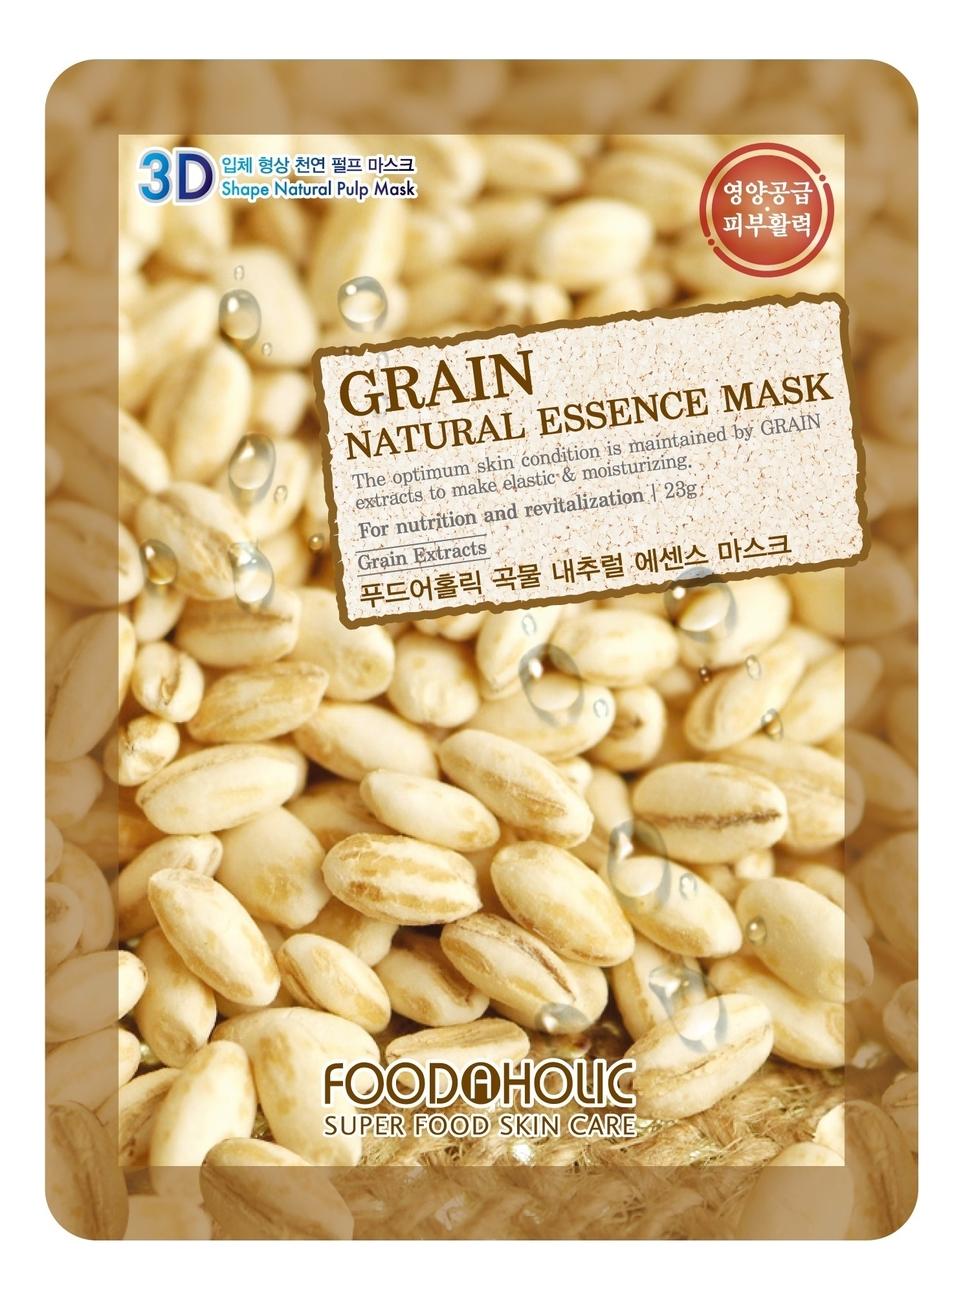 Тканевая 3D маска с экстрактом зерновых культур Grain Natural Essence 3D Mask 23г недорого